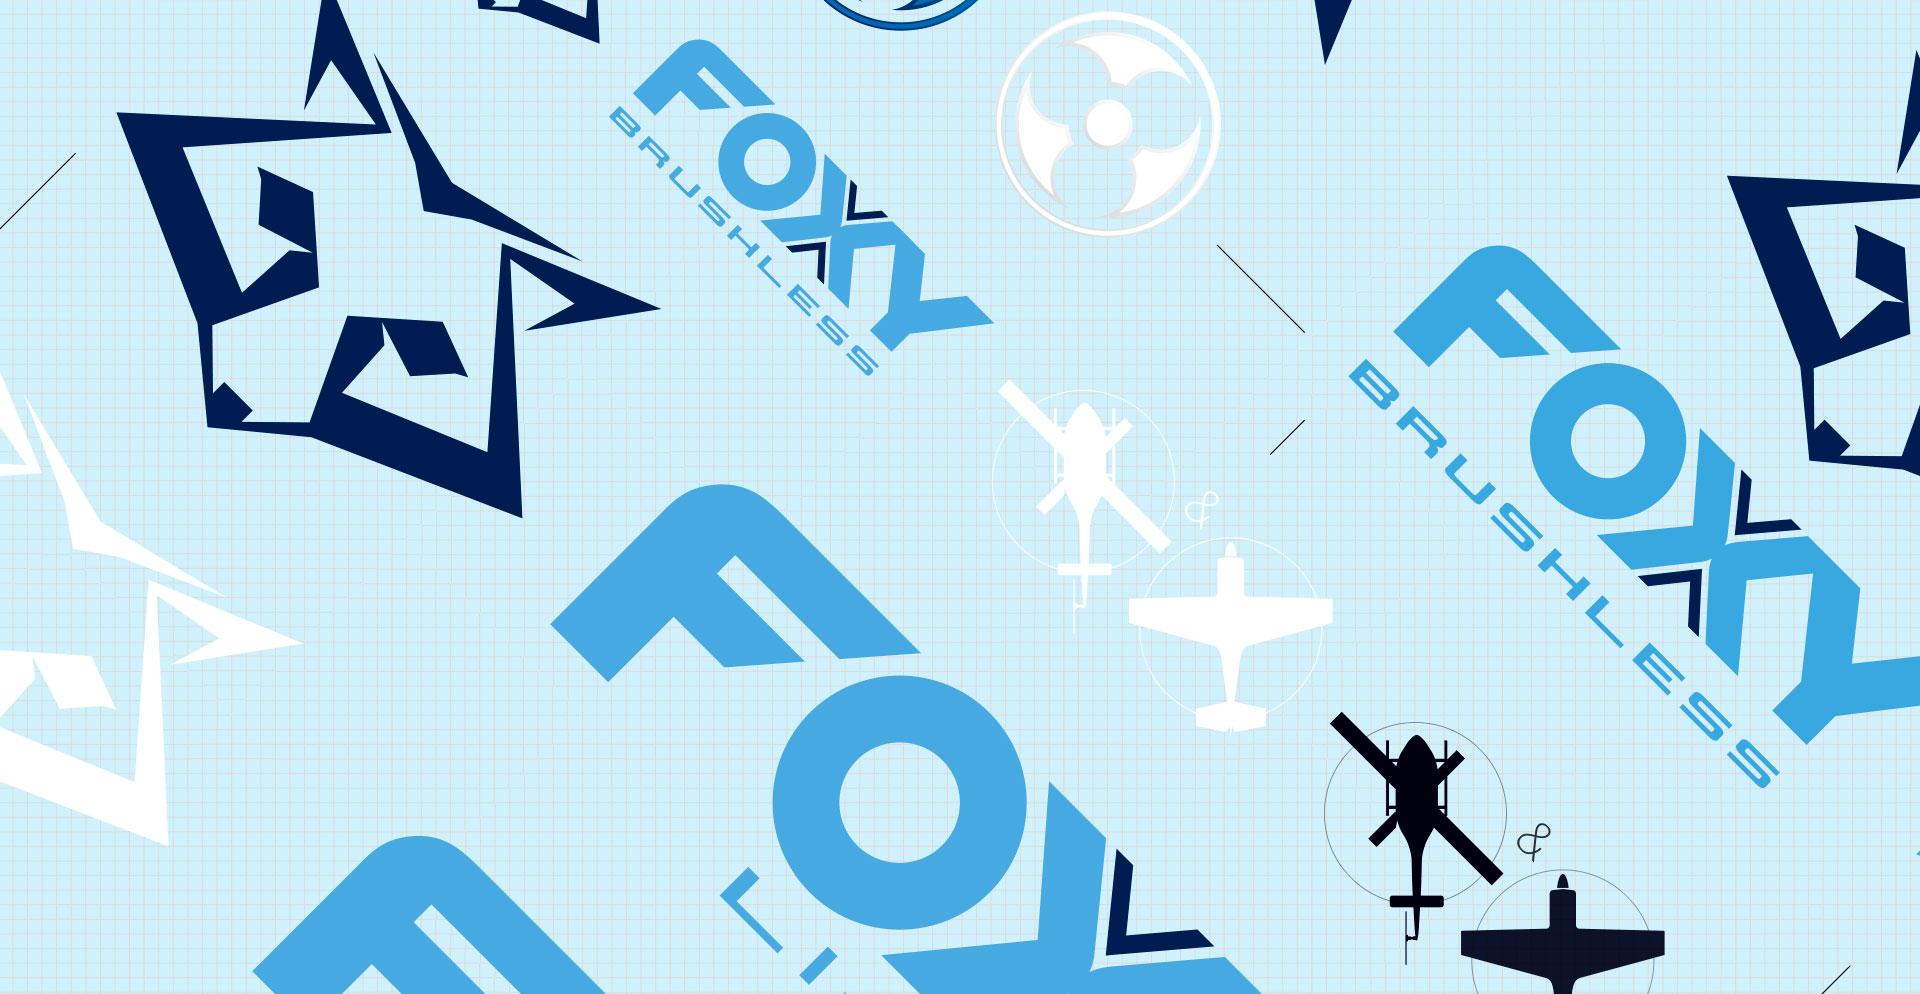 FOXY-B_02